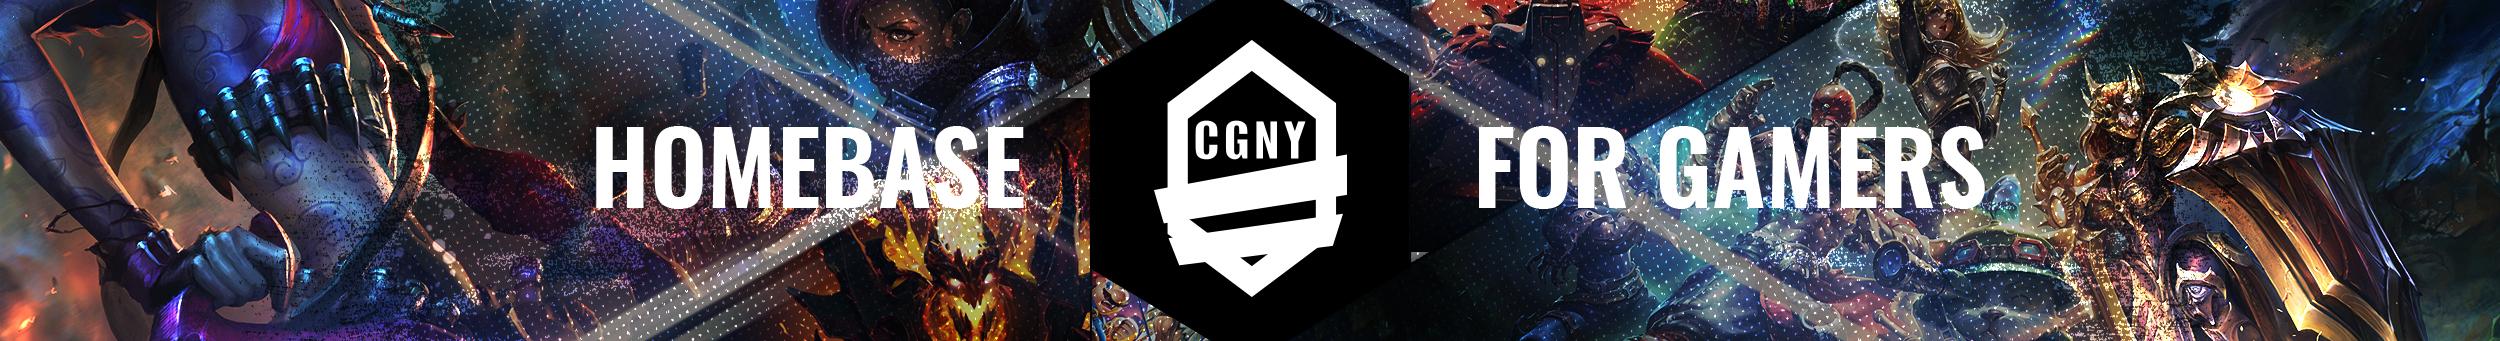 EH_CGNY_Website_Main_Banner_V1.jpg